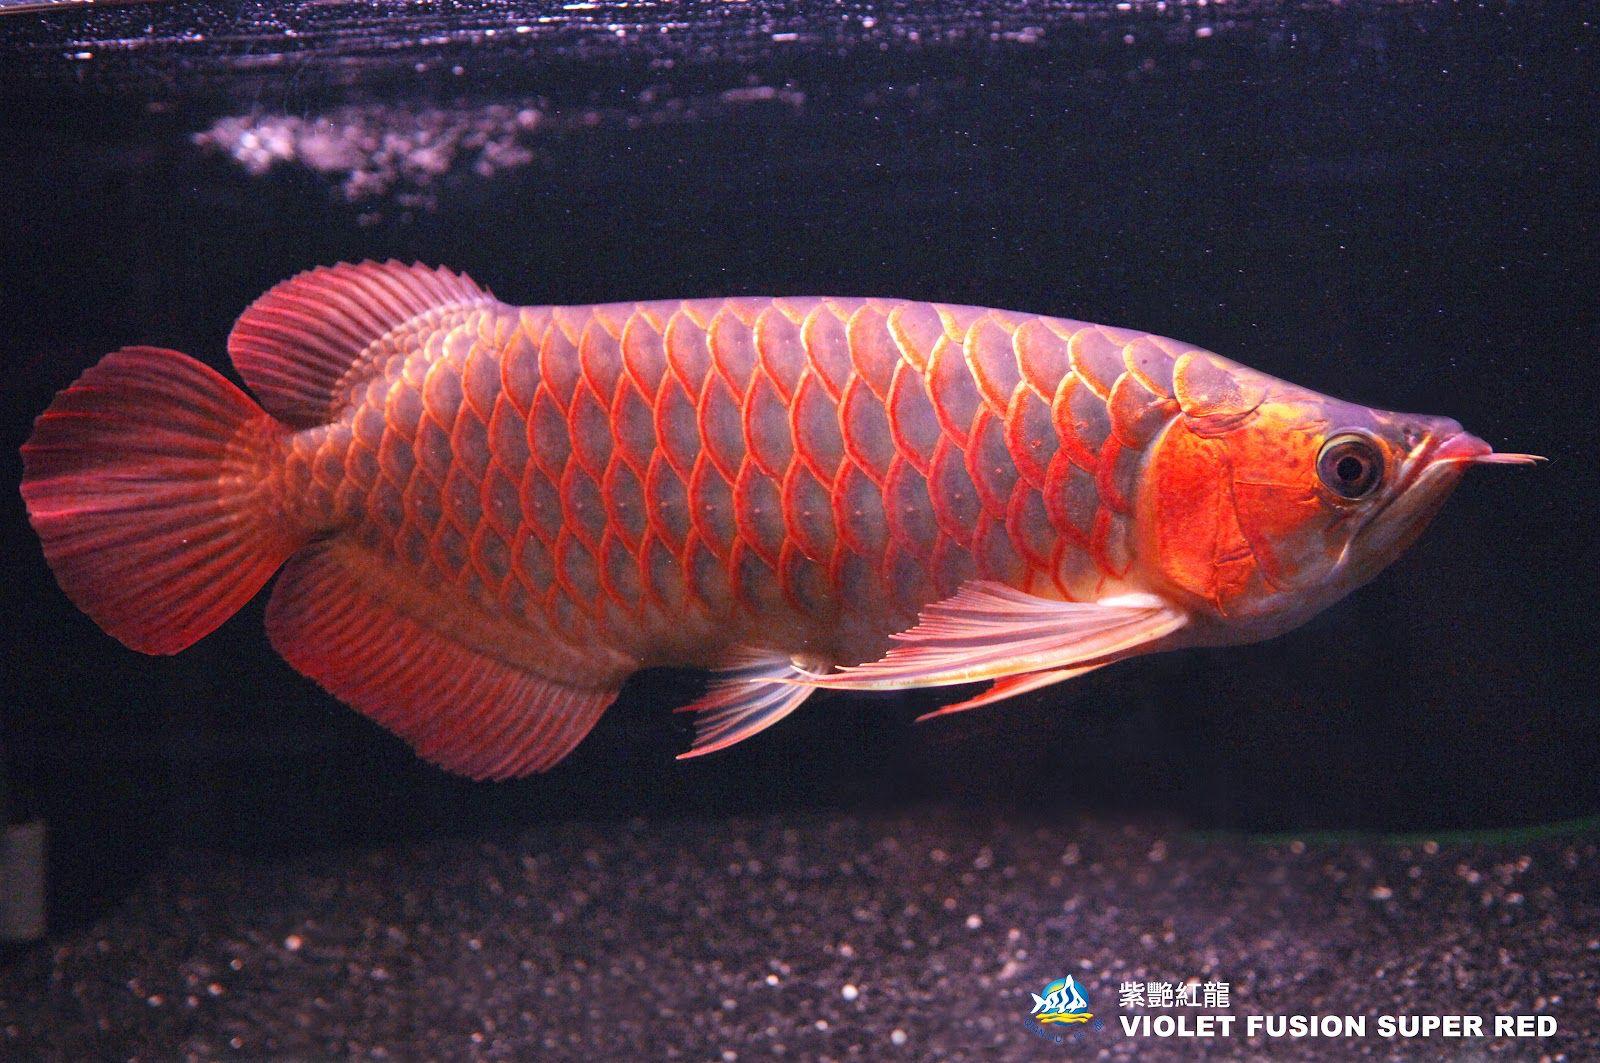 Image From Http 2 Bp Blogspot Com Vwpsupws6ou T8xf0ruucci Aaaaaaaaaci Ynoxr Zgtaa S1600 Dsc 00651 Jpg Stingray Fish Fish Betta Fish Types